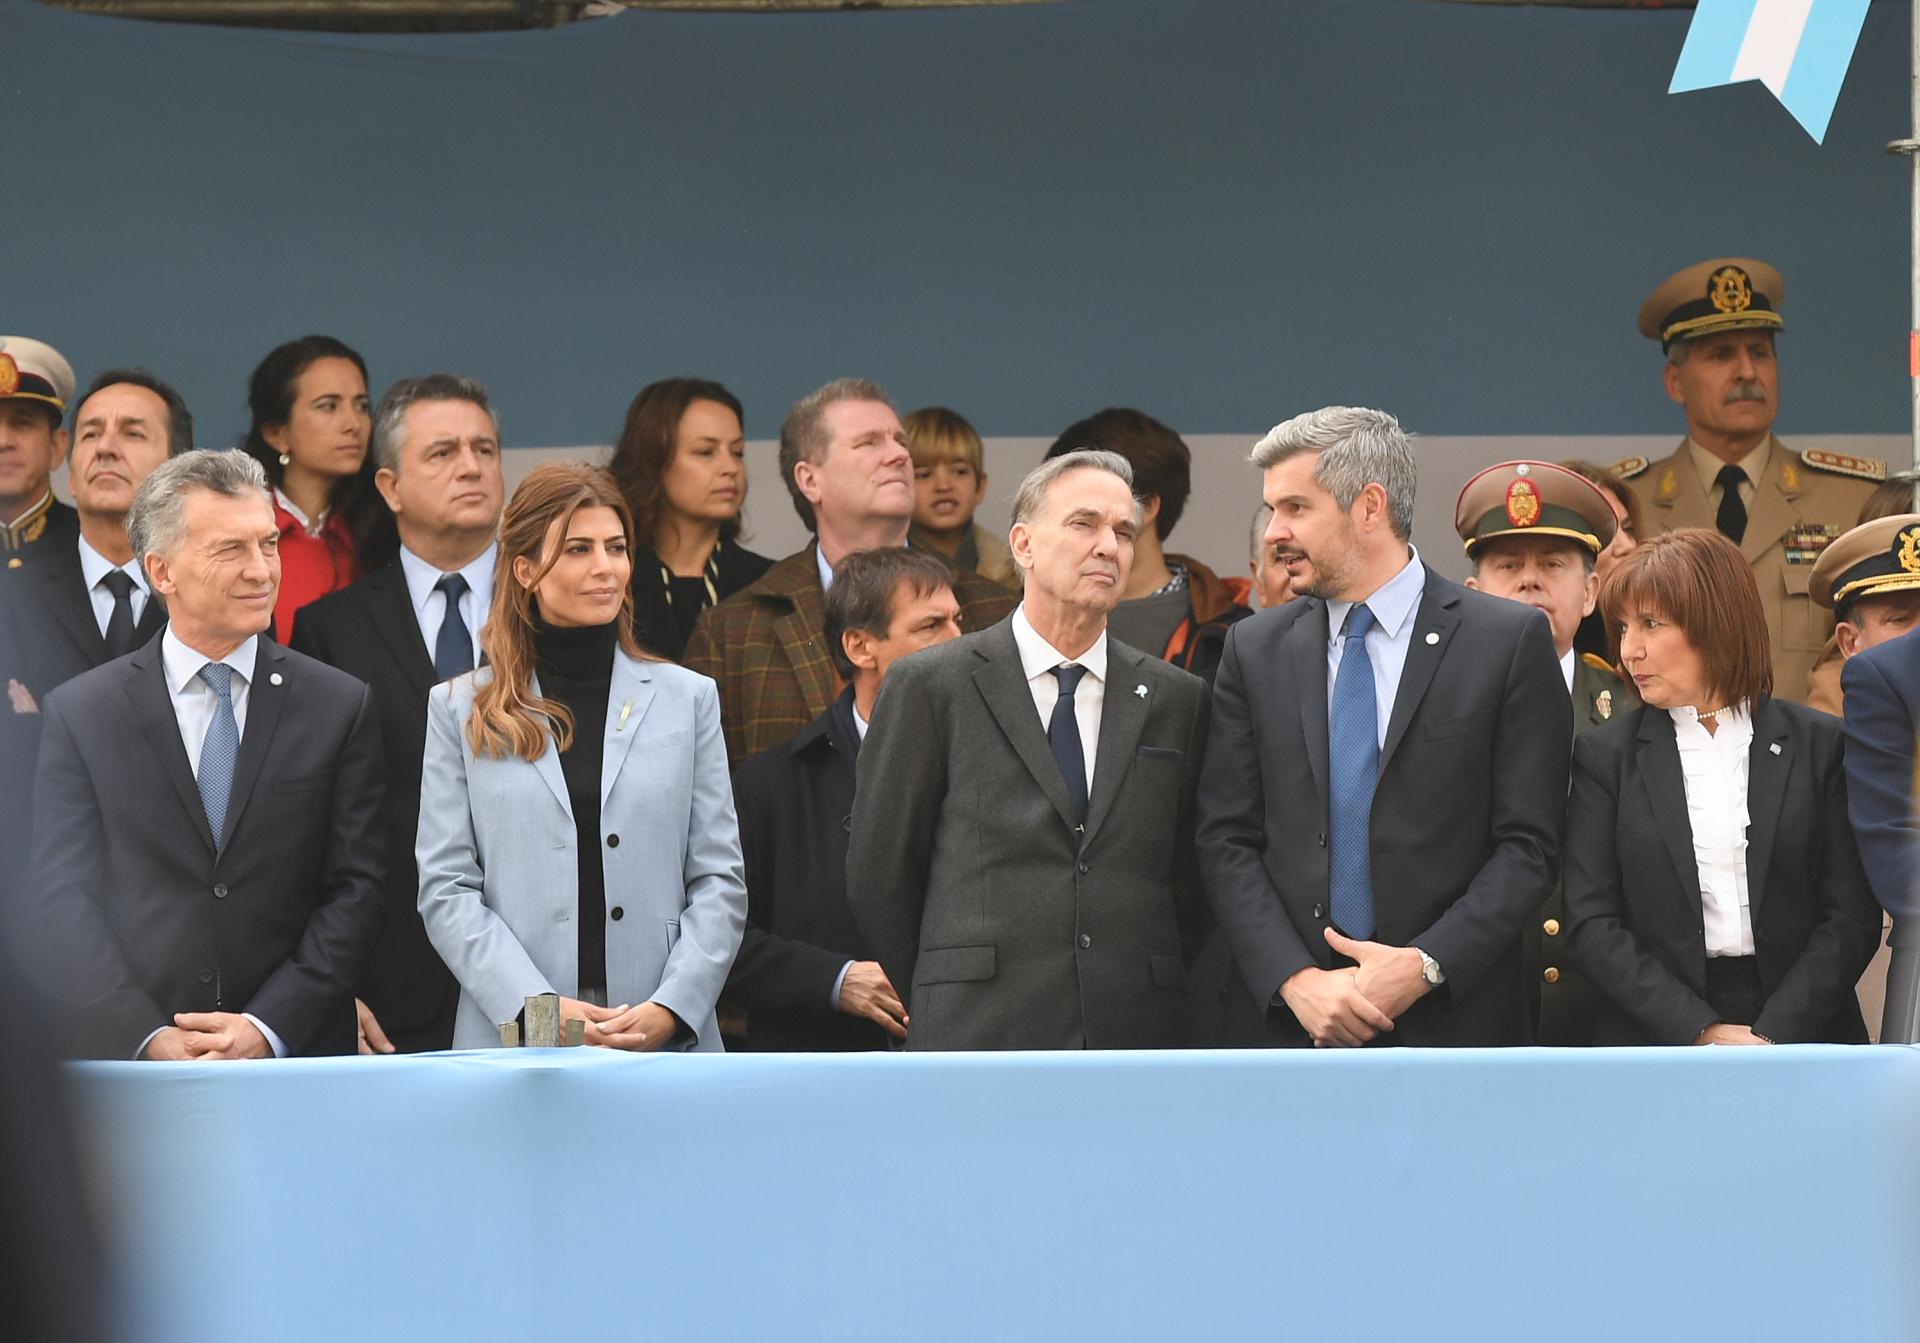 El jefe de Estado junto a su esposa, Juliana Awada, Miguel Pichetto, Marcos Peña y Patricia Bullrich